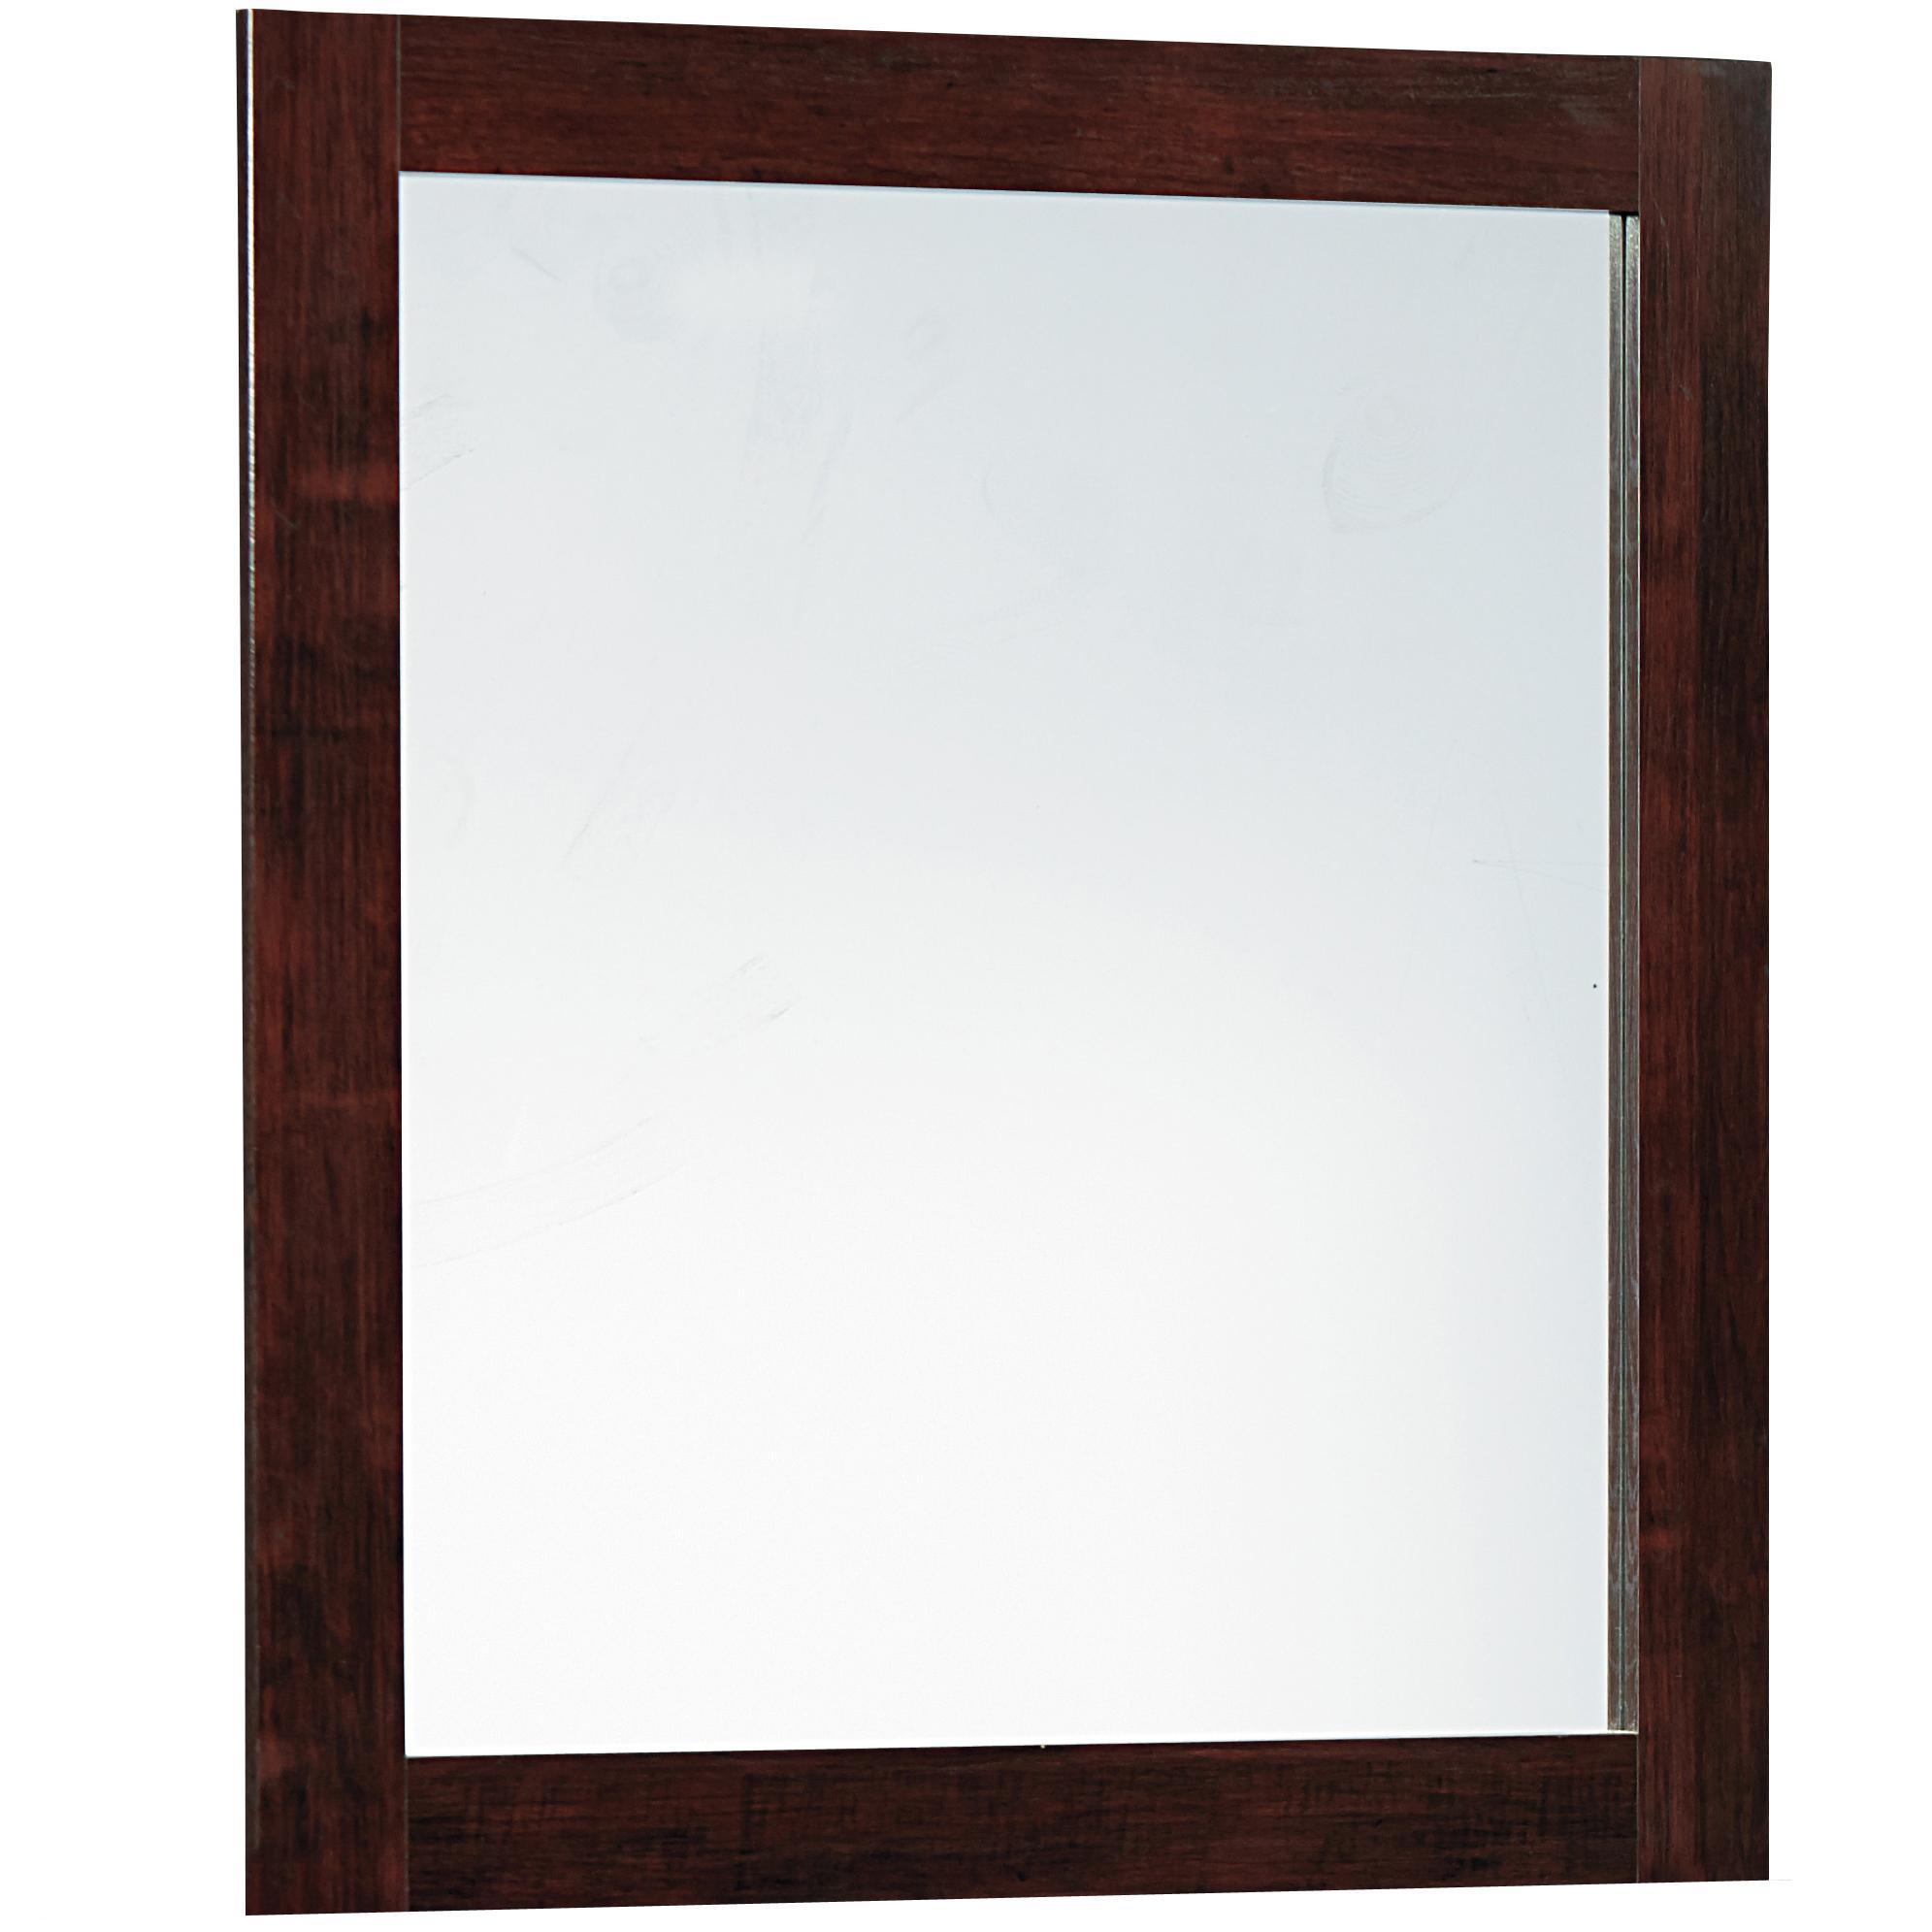 Standard Furniture Glenshire Panel Mirror - Item Number: 52618